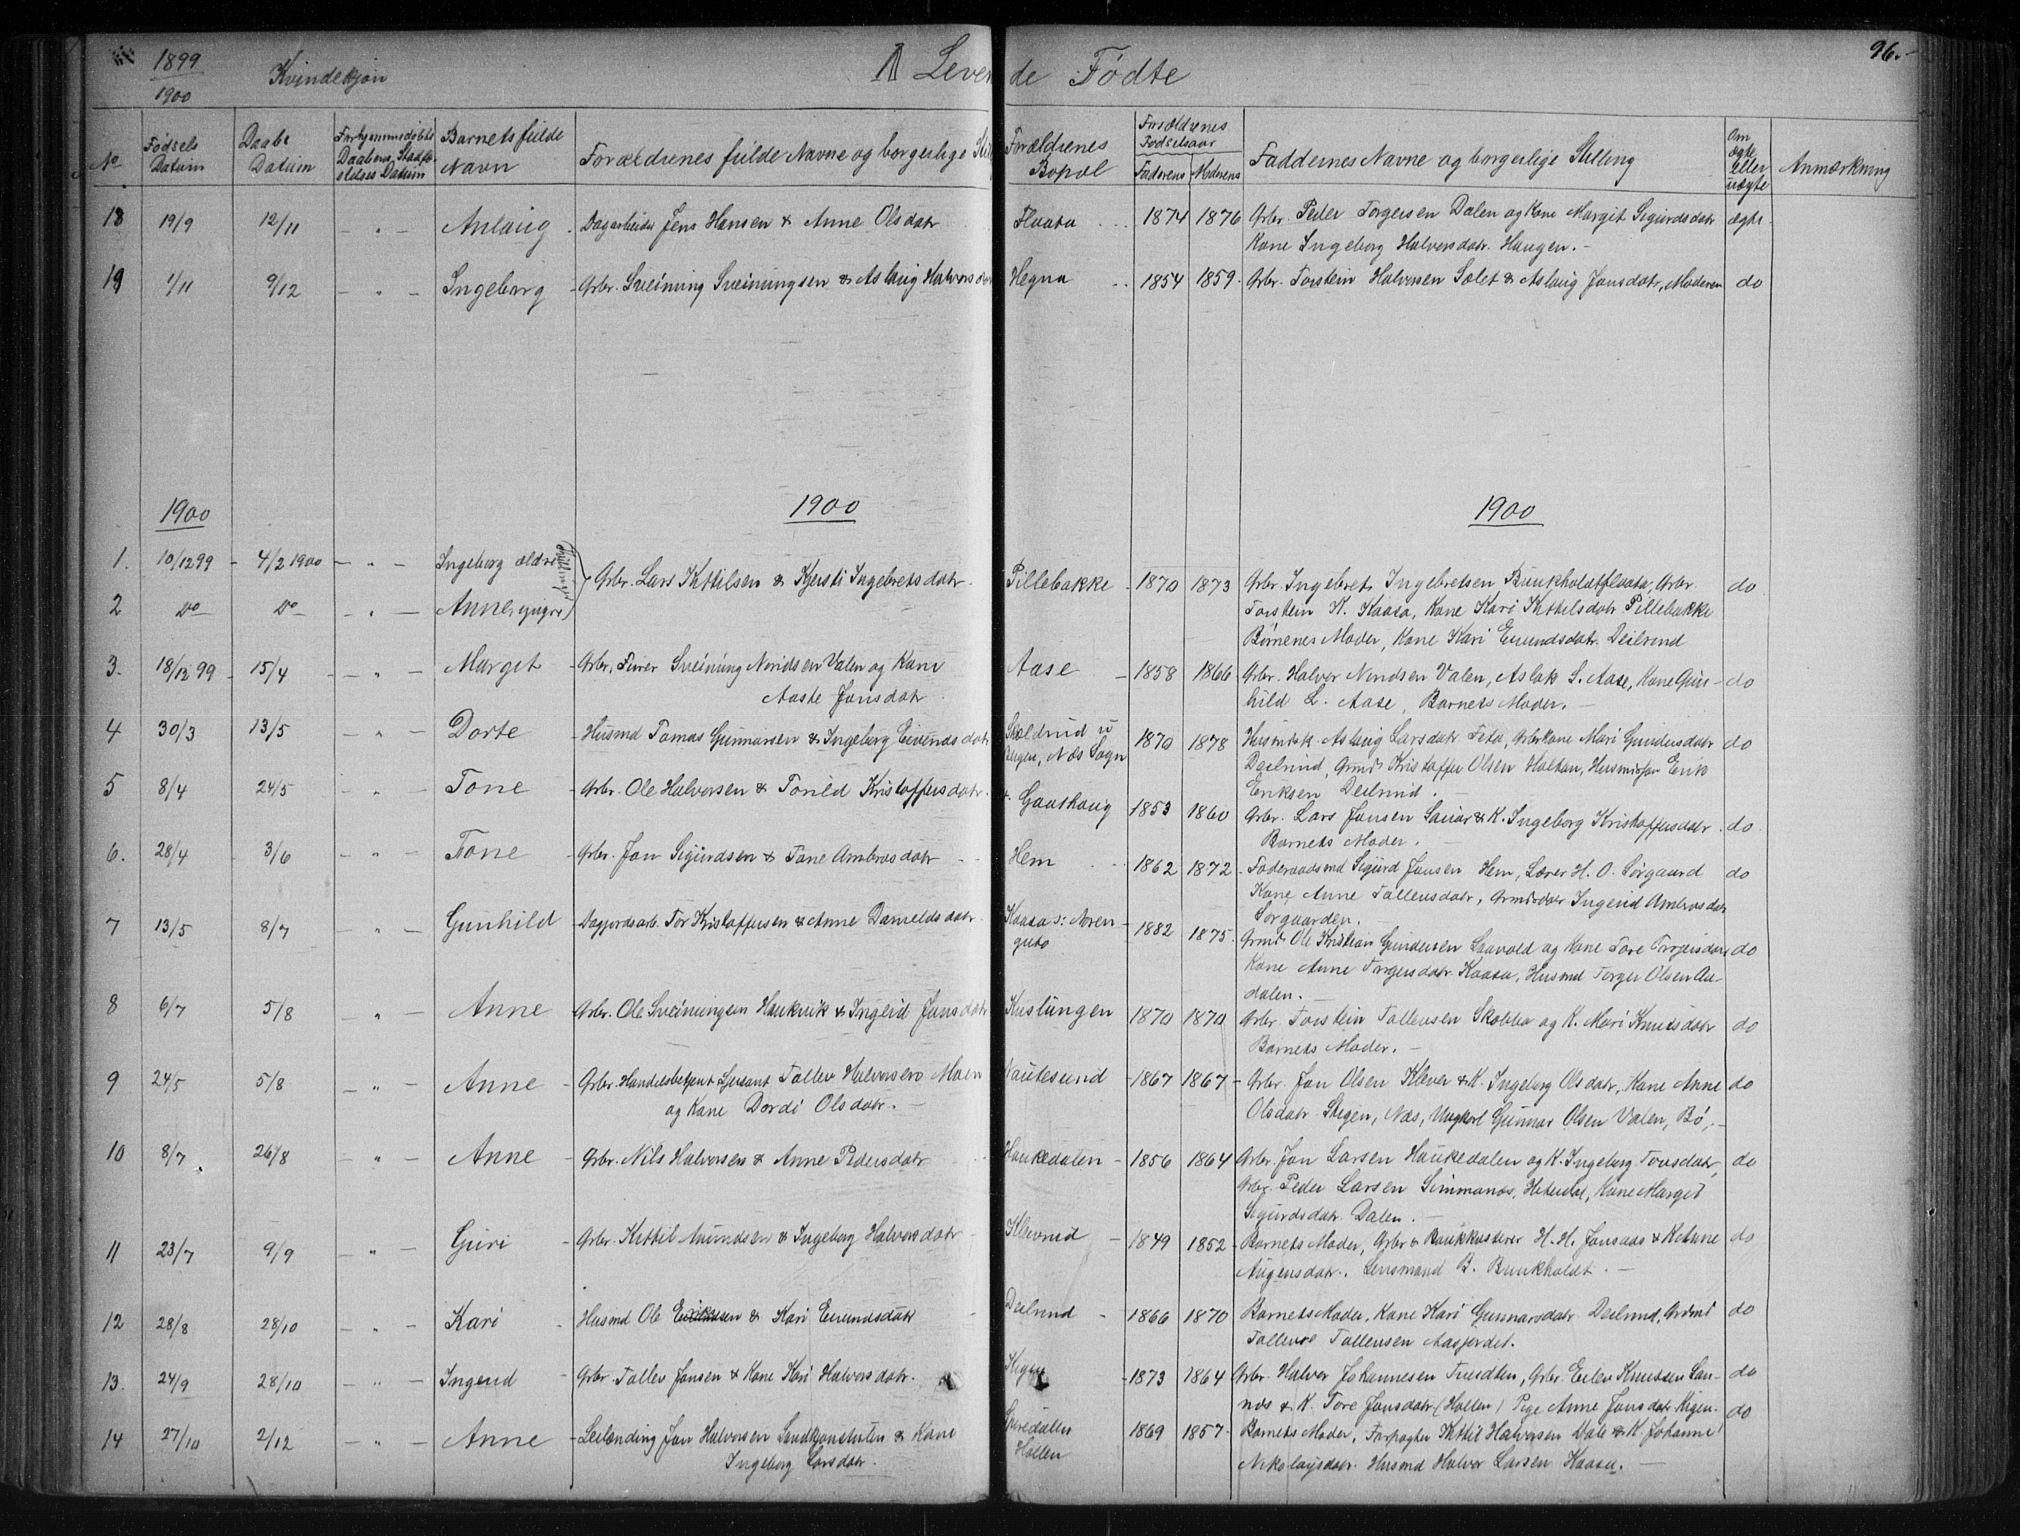 SAKO, Sauherad kirkebøker, G/Ga/L0003: Klokkerbok nr. I 3, 1866-1905, s. 96